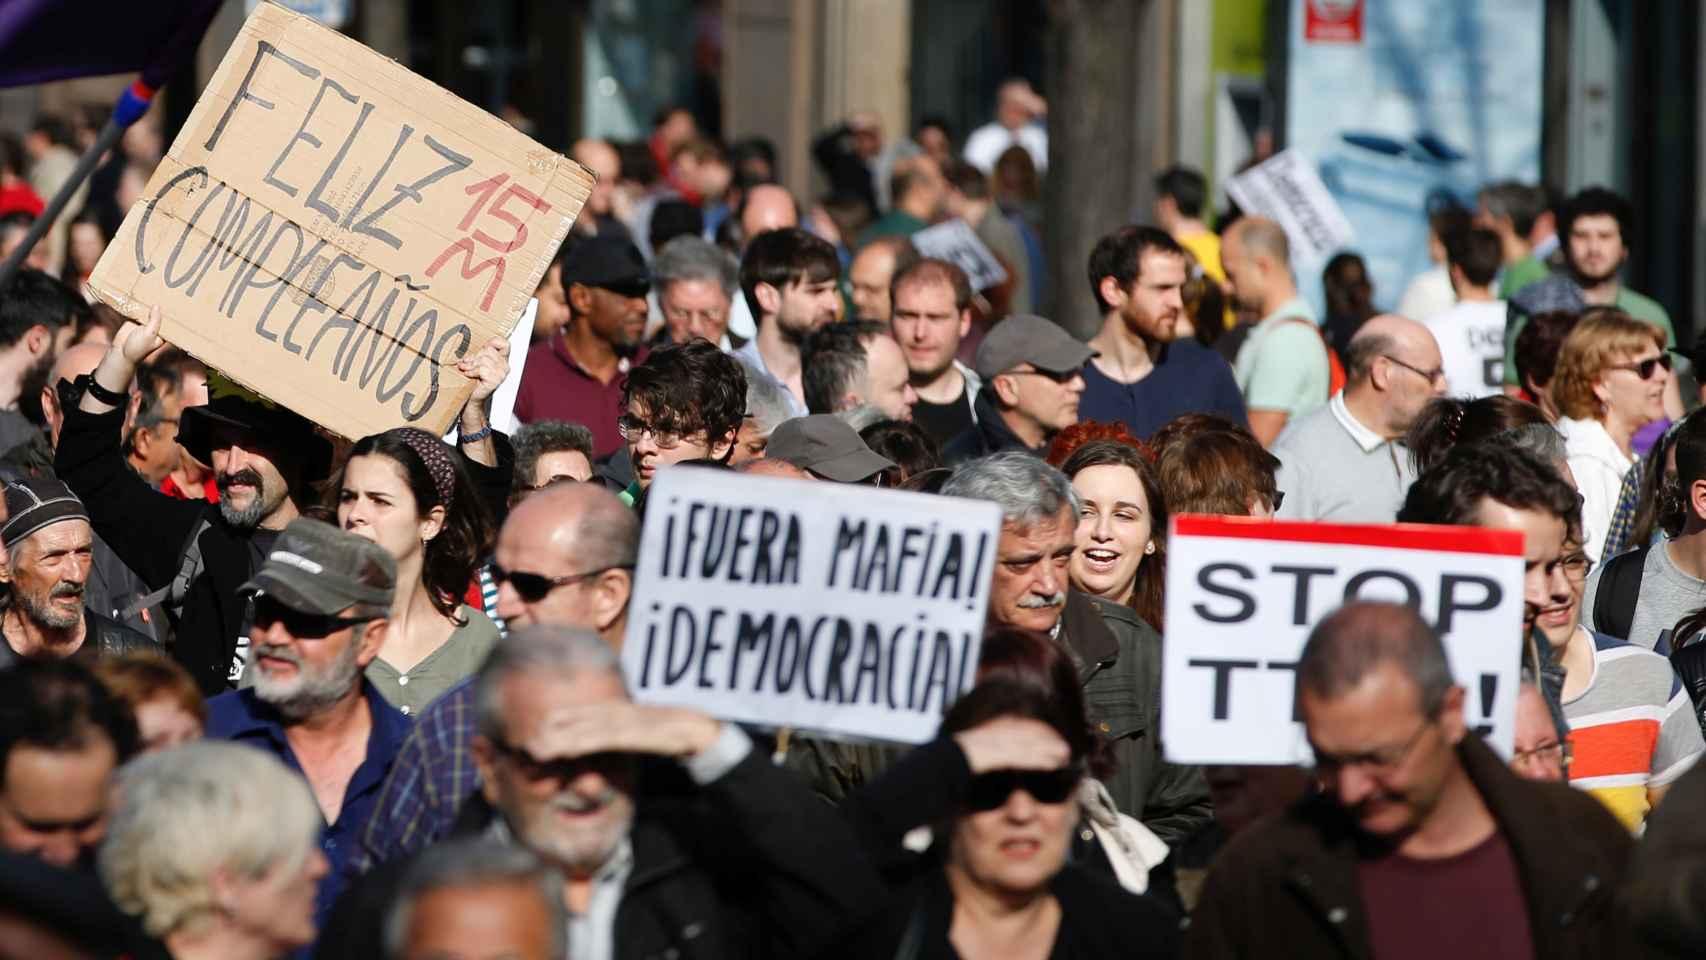 Las pancartas contra la clase política han vuelto a llenar la Puerta del Sol